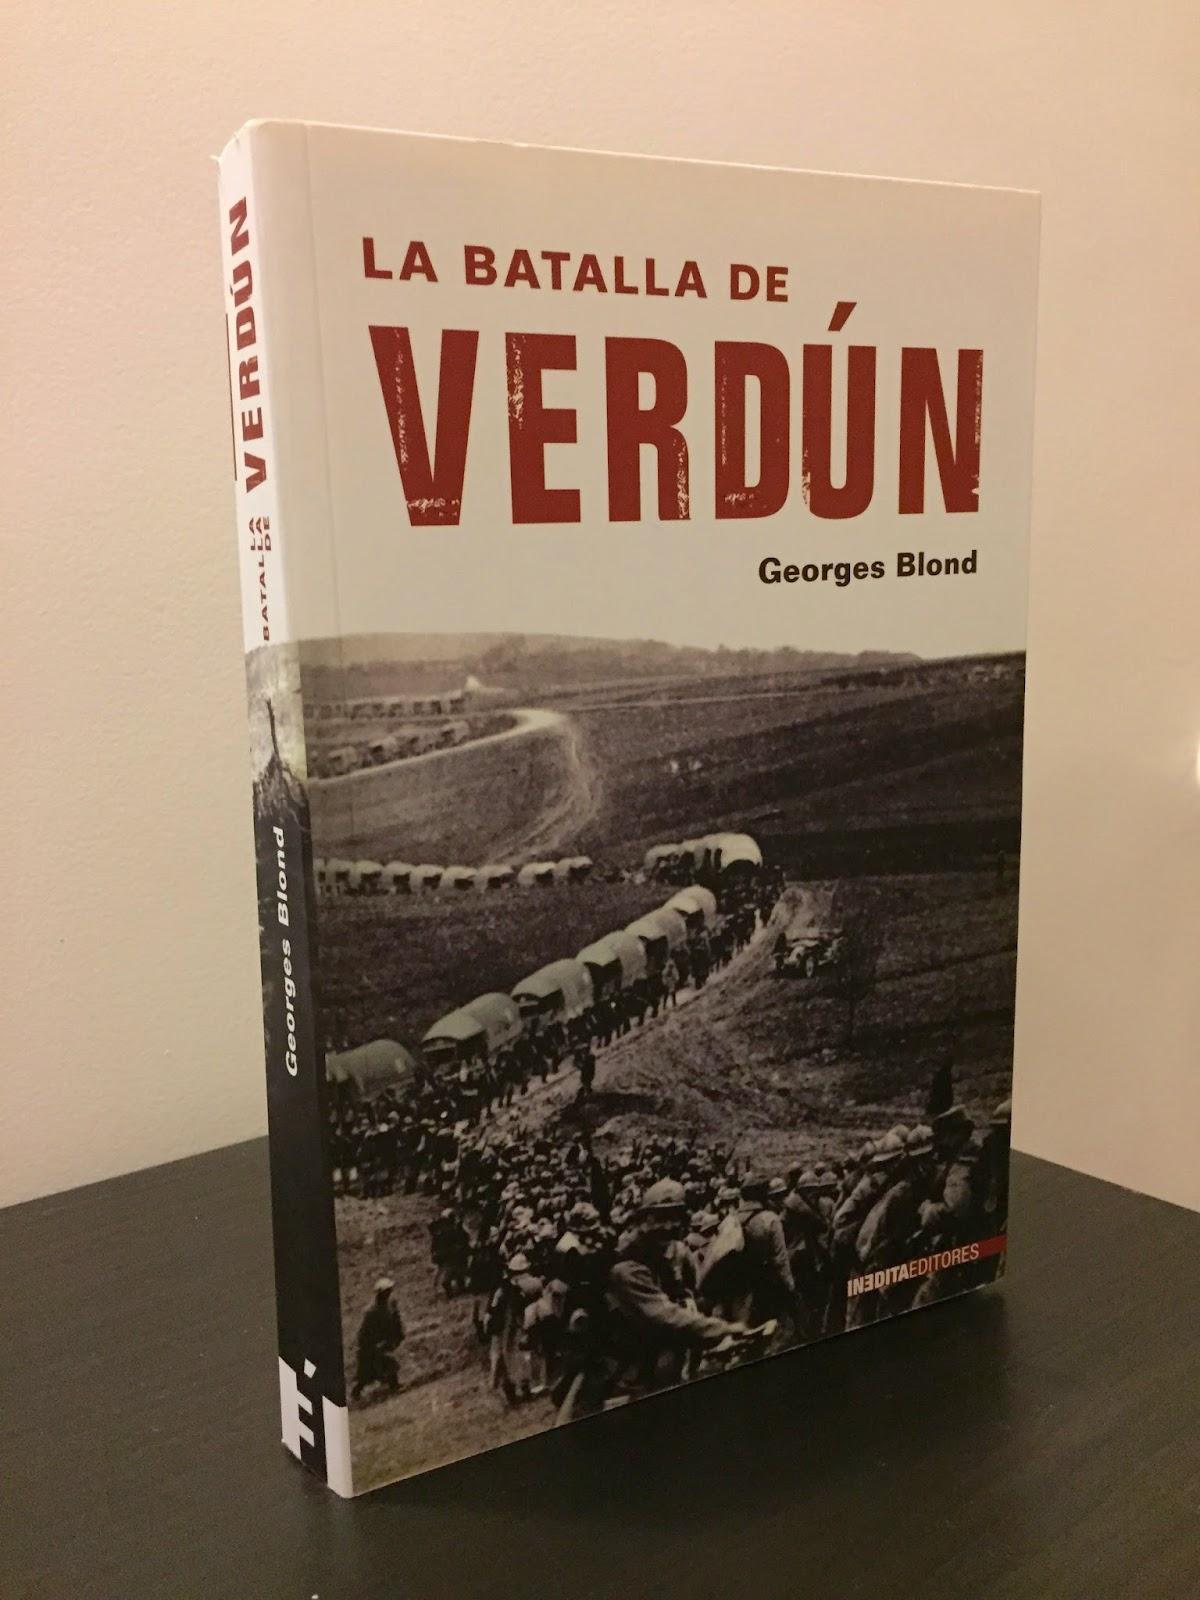 Primera Guerra Mundial, Libros bélicos, libros de guerra